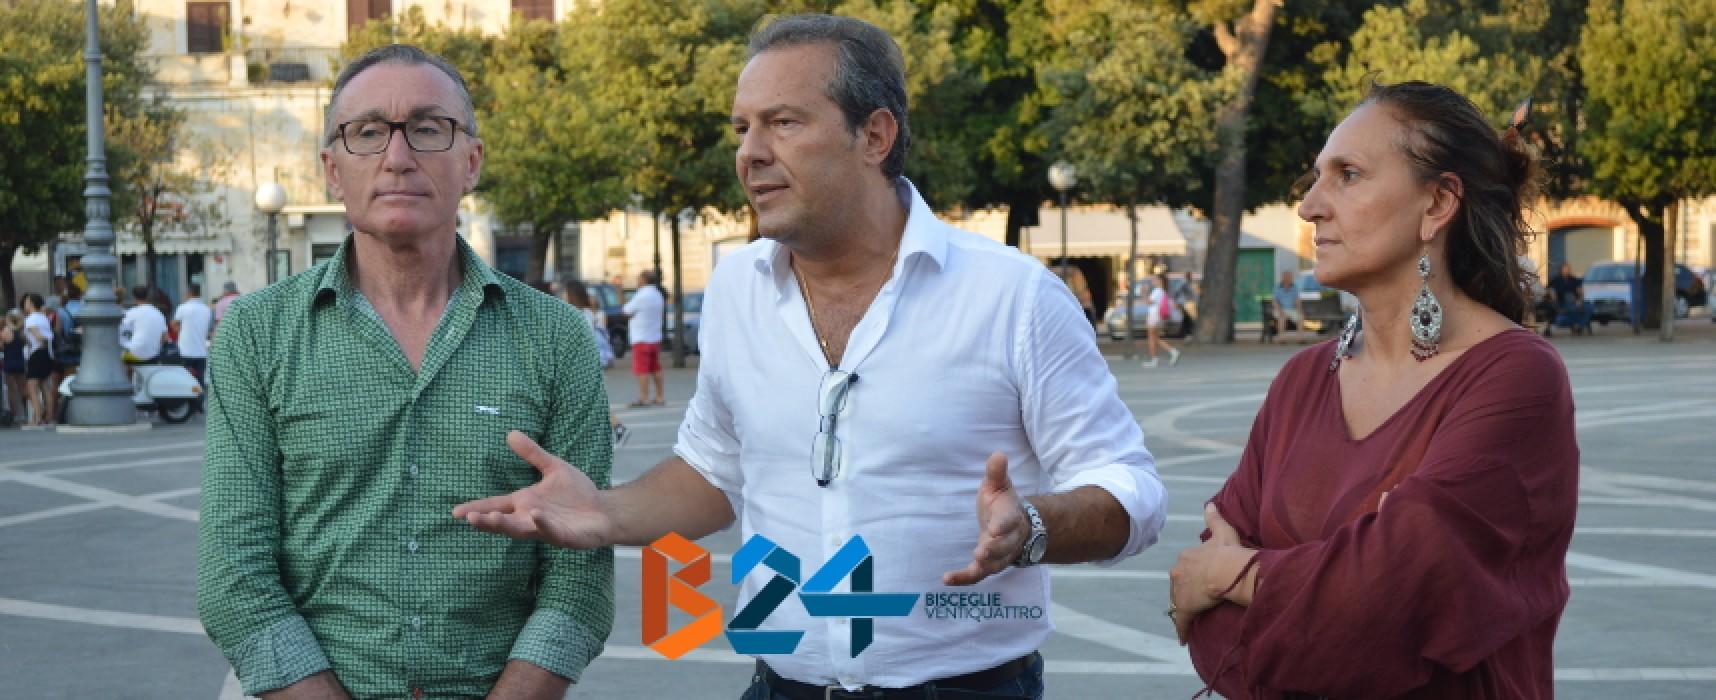 Battiti in piazza, Spina: «Attendo le scuse dei gufi. L'evento è stato un enorme successo, anche commerciale»